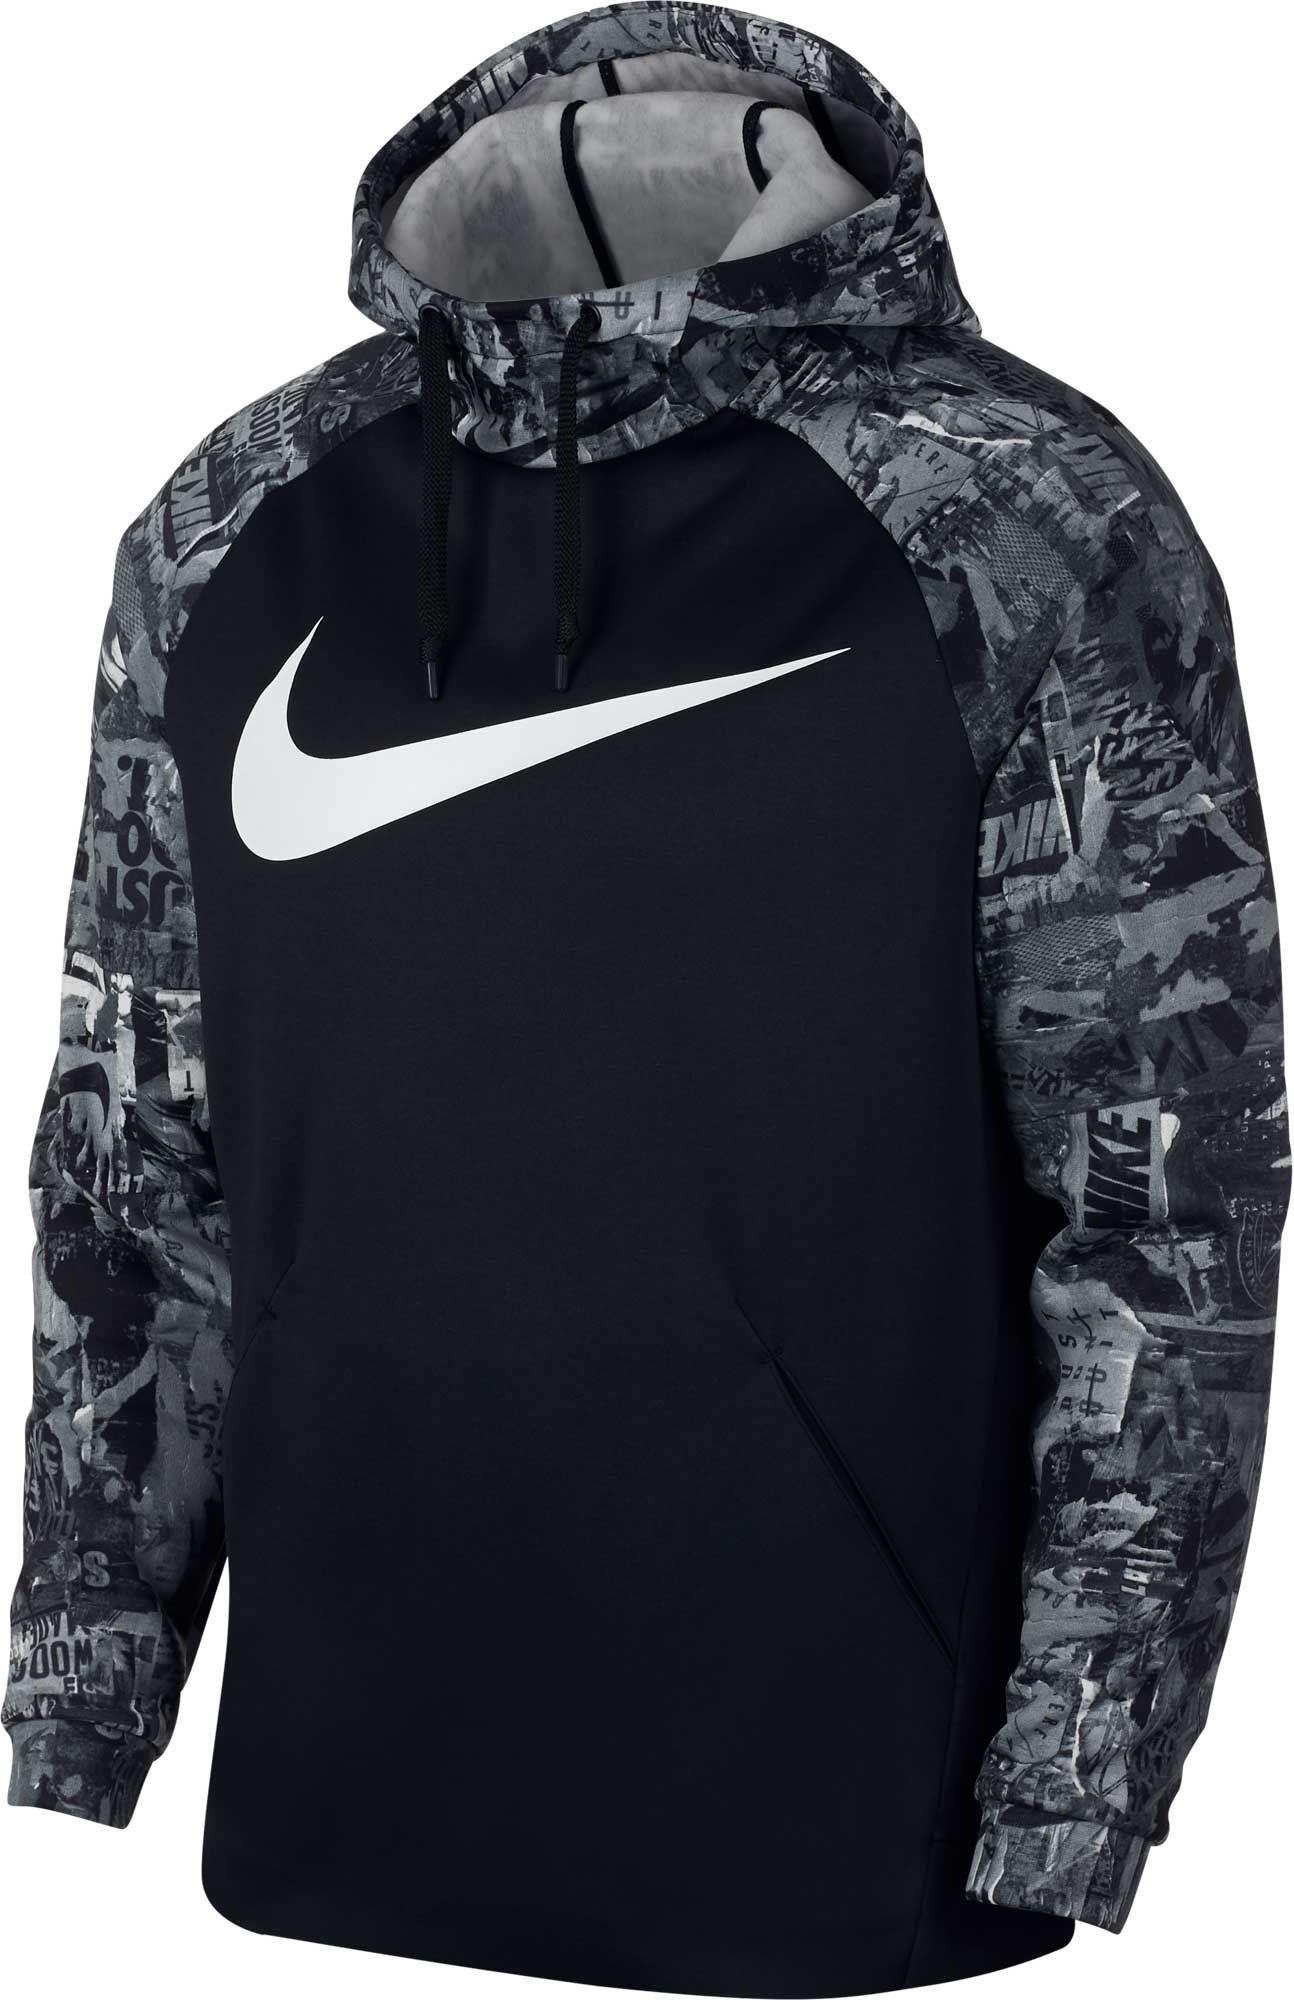 0f5fd972b Nike Men's Therma Rip N Tear Graphic Hoodie | Products | Hoodies ...